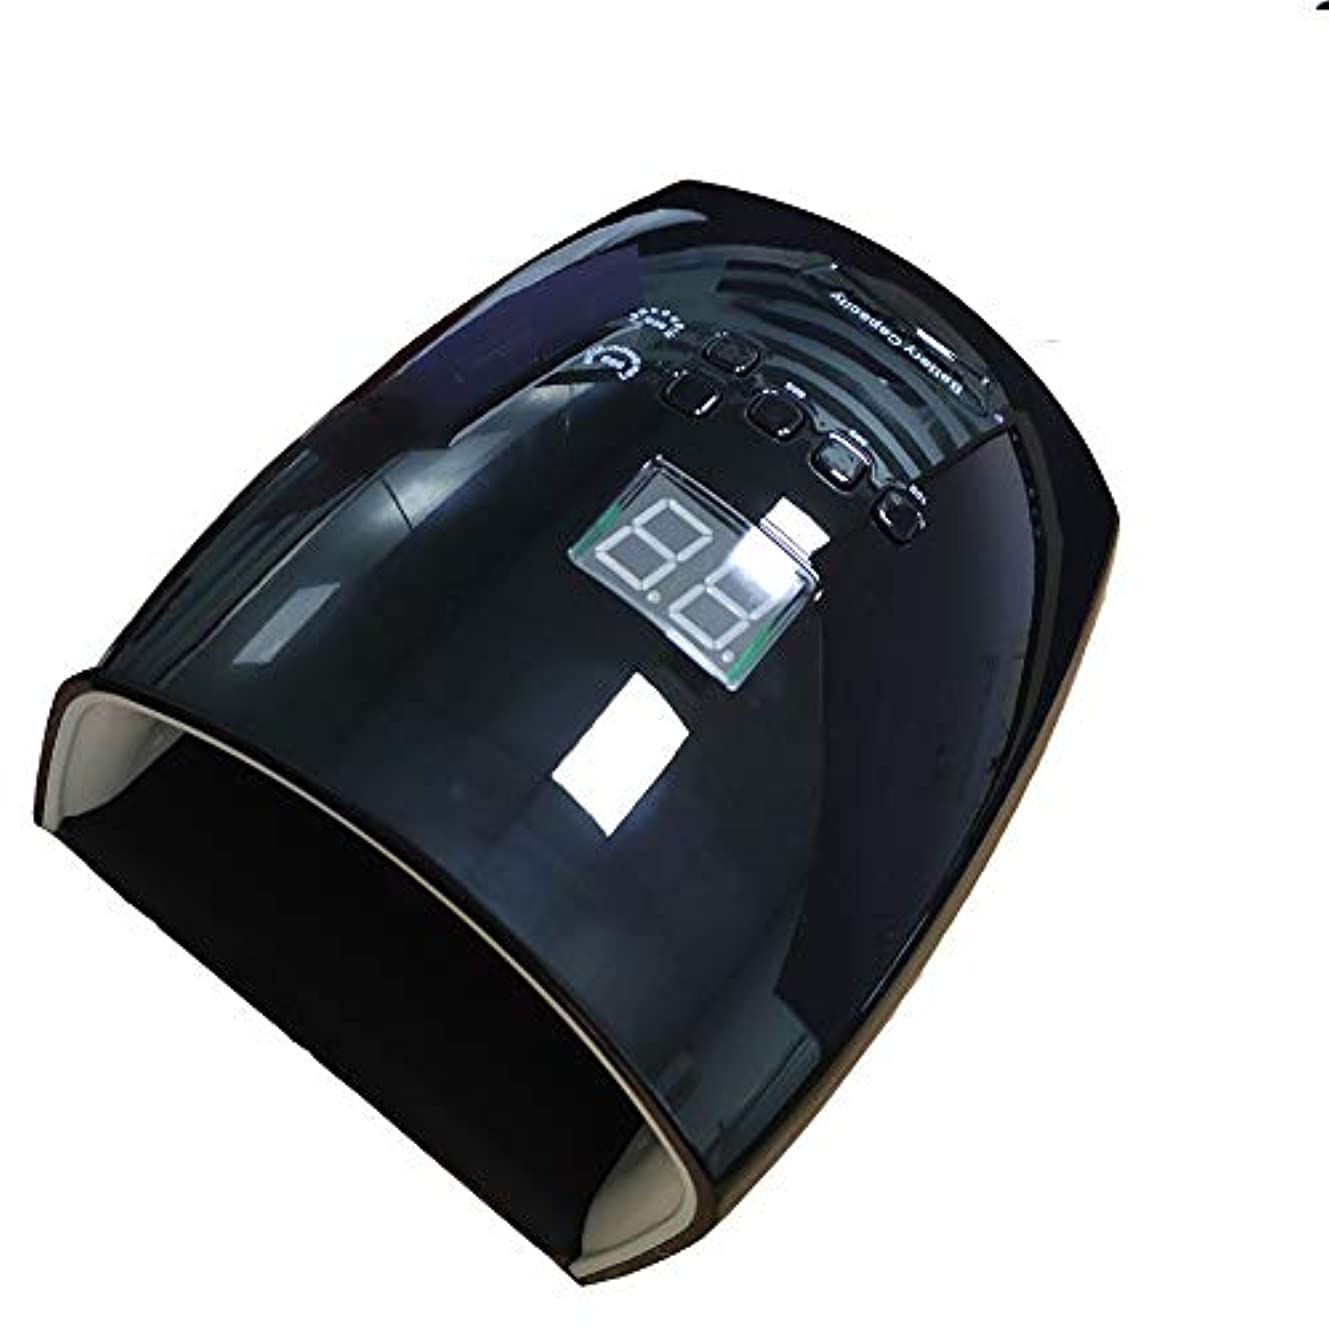 メジャー趣味区別するLEDネイルマシン、インテリジェント赤外線センサー多機能ネイル硬化機プロの美容ネイルポリッシャー、取り外し可能な高速乾燥ジェルマシン